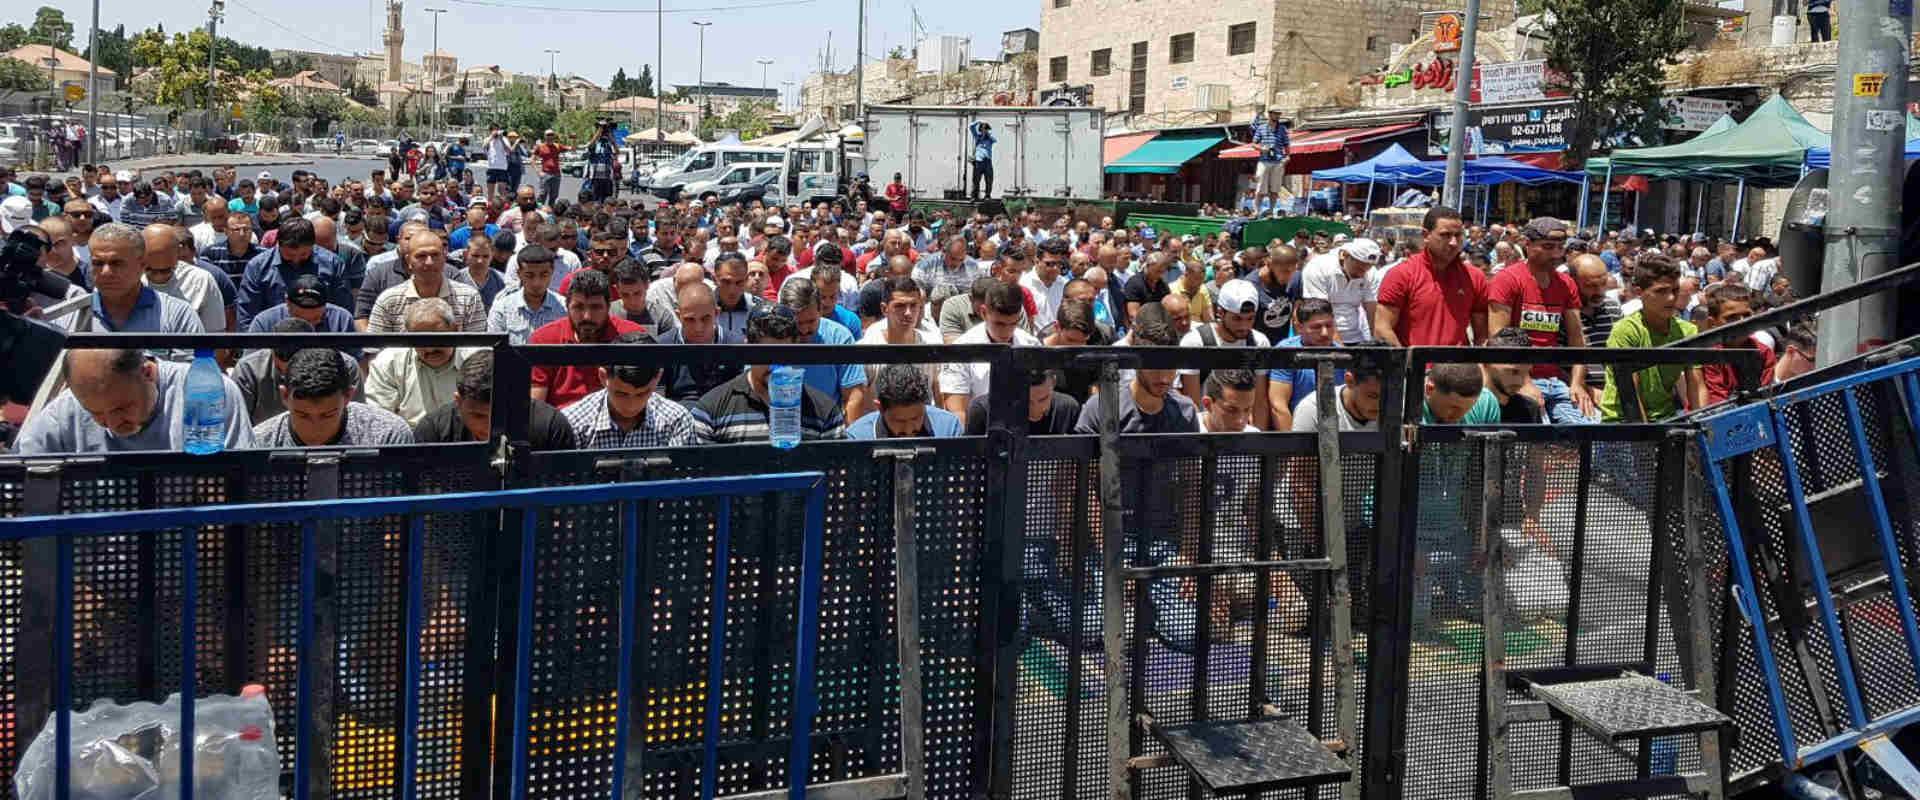 תפילה של צעירים סמוך לשער שכם, היום בירושלים